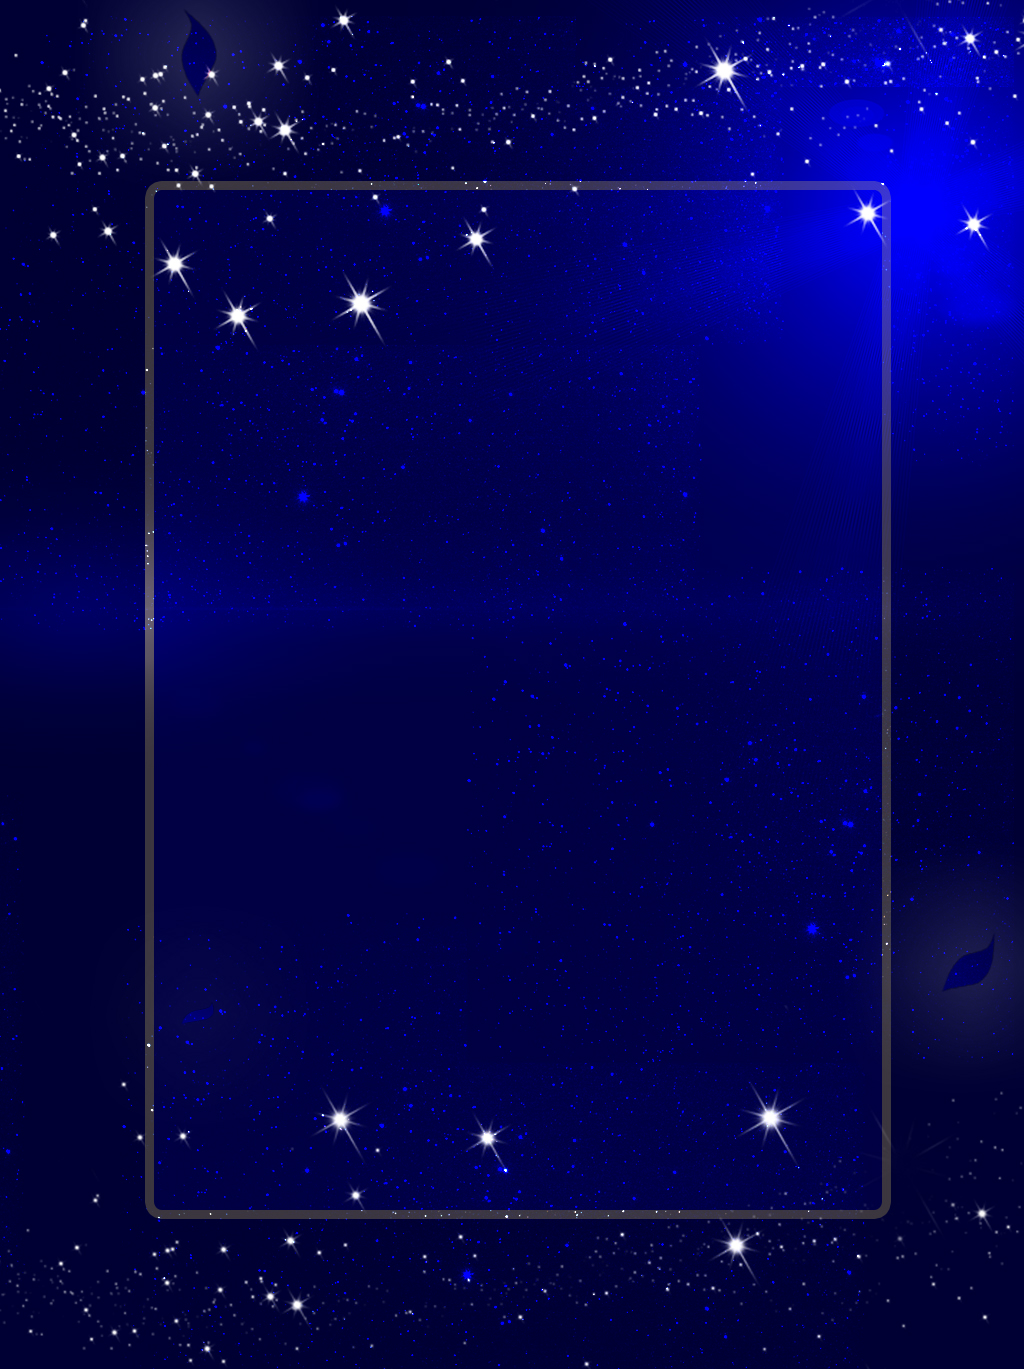 h236nh ��nh b��u tr��i đ��y sao m224u xanh đen v224 h236nh ��nh b��u